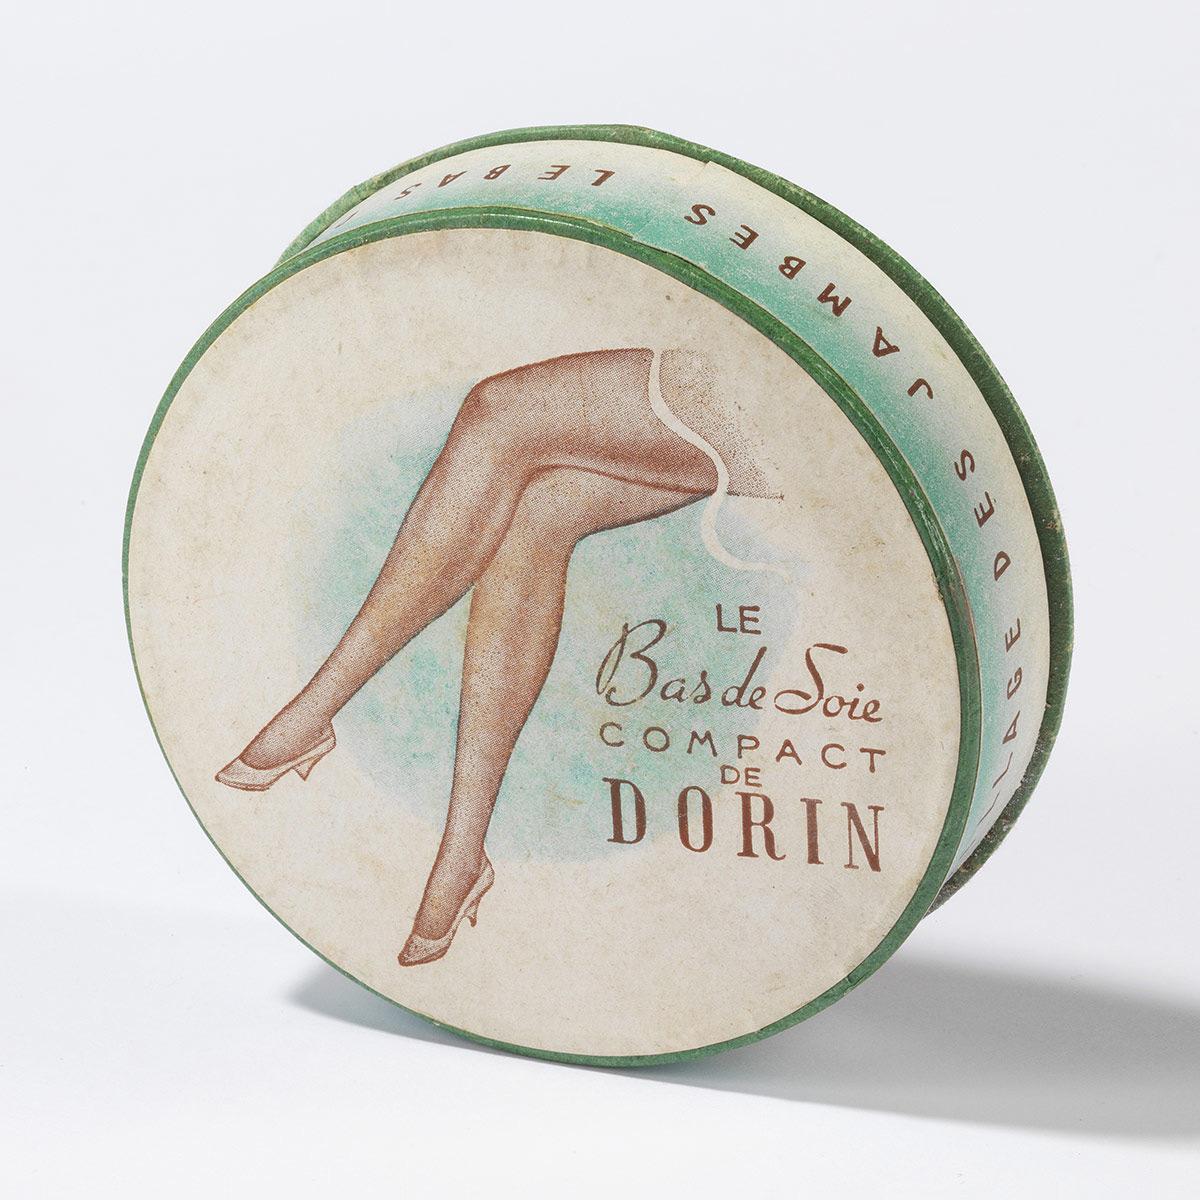 Musée Dorin